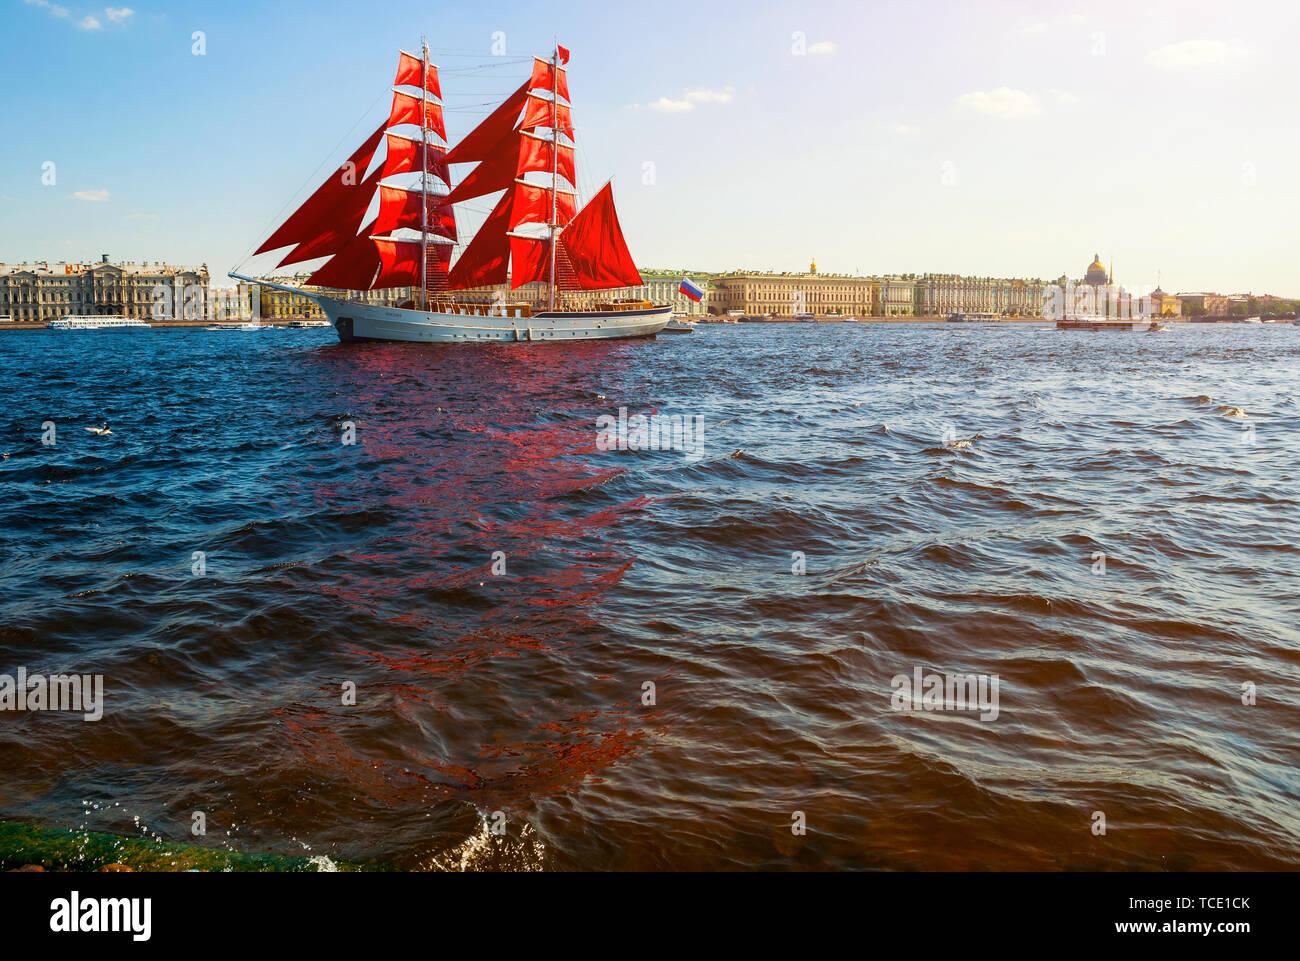 San Petersburgo, Rusia - 6 de junio de 2019. Bergantín sueco Tre Kronor con Scarlet sails en el río Neva. Velas escarlata es la Federación de las vacaciones de la escuela gra Foto de stock